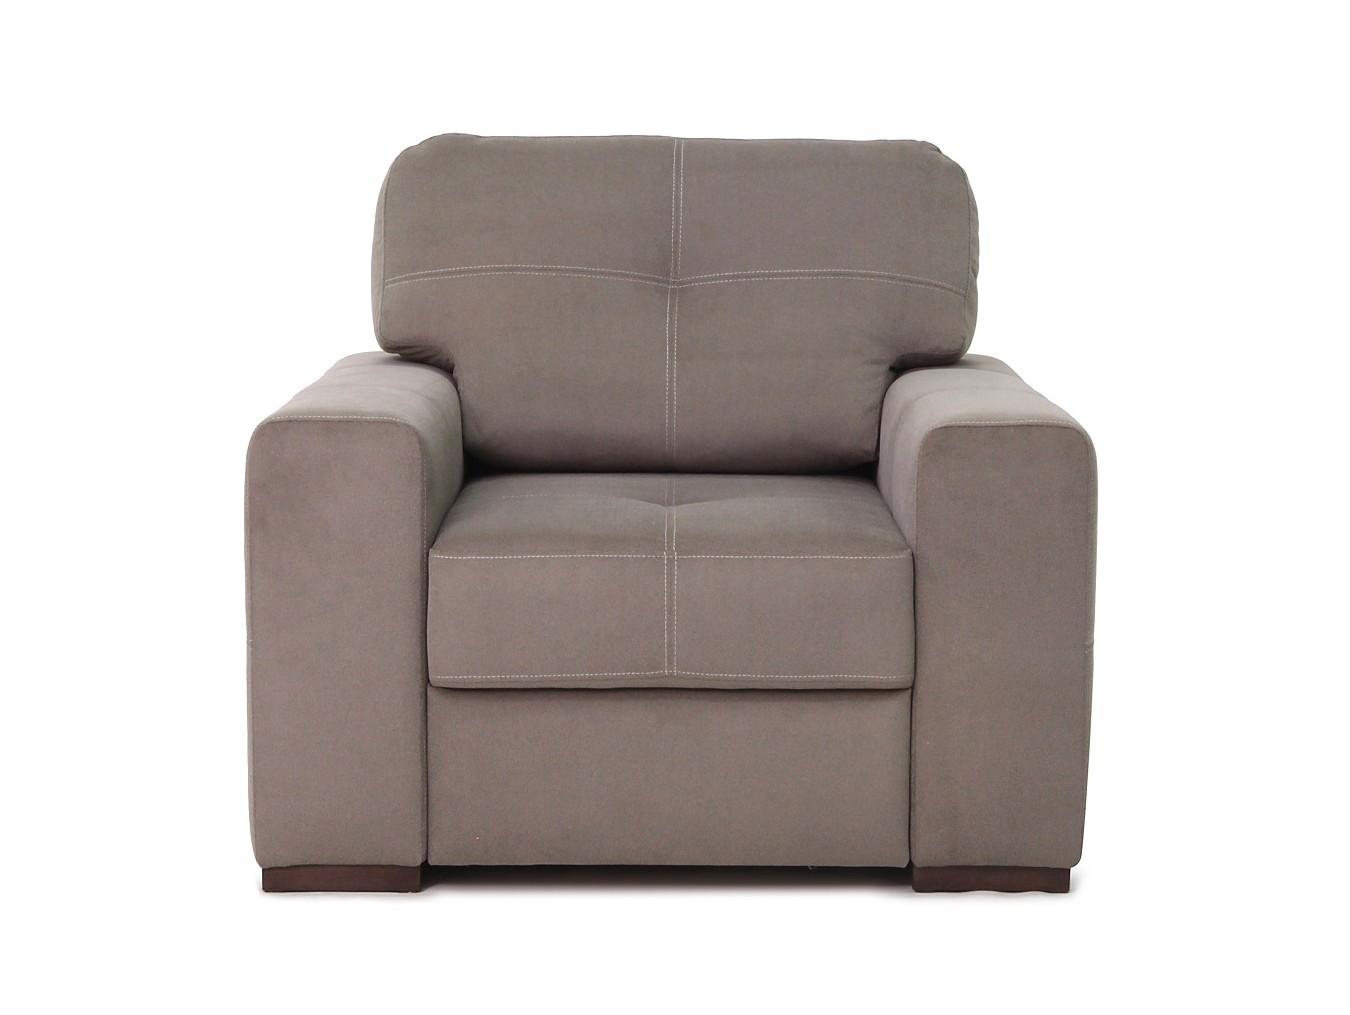 Кресло БарниИнтерьерные кресла<br>&amp;lt;div&amp;gt;Кресло &amp;quot;Барни&amp;quot; - это в-первую очередь полноценный комфорт отдыха, а его оригинальная простота и строгость форм подчеркнут практически любой интерьер и добавят ему изысканный вид! Входит в комплект к угловому и прямому дивану &amp;quot;Барни&amp;quot;.&amp;amp;nbsp;&amp;amp;nbsp;&amp;lt;div&amp;gt;&amp;lt;br&amp;gt;&amp;lt;/div&amp;gt;&amp;lt;div&amp;gt;В конструкции каркаса используются: шлифованная фанера, строганный брус хвойных пород, ДСП ламинированная.&amp;lt;/div&amp;gt;&amp;lt;div&amp;gt;Мягкий настил включает в себя:&amp;amp;nbsp;&amp;lt;/div&amp;gt;&amp;lt;div&amp;gt;- приспинная подушка - гипоаллергенное волокно;&amp;amp;nbsp;&amp;lt;/div&amp;gt;&amp;lt;div&amp;gt;- внутренний чехол подушки прострочен с синтепоном;&amp;amp;nbsp;&amp;lt;/div&amp;gt;&amp;lt;div&amp;gt;- чехол съемный на спинке;&amp;amp;nbsp;&amp;lt;/div&amp;gt;&amp;lt;div&amp;gt;- блок независимых пружин;&amp;lt;/div&amp;gt;&amp;lt;div&amp;gt;Декоративные подушки в комплект не входят.&amp;lt;/div&amp;gt;&amp;lt;div&amp;gt;Большой выбор обивочных тканей (подробности уточняйте у менеджера).&amp;lt;/div&amp;gt;&amp;lt;/div&amp;gt;<br><br>Material: Текстиль<br>Ширина см: 106.0<br>Высота см: 94.0<br>Глубина см: 100.0